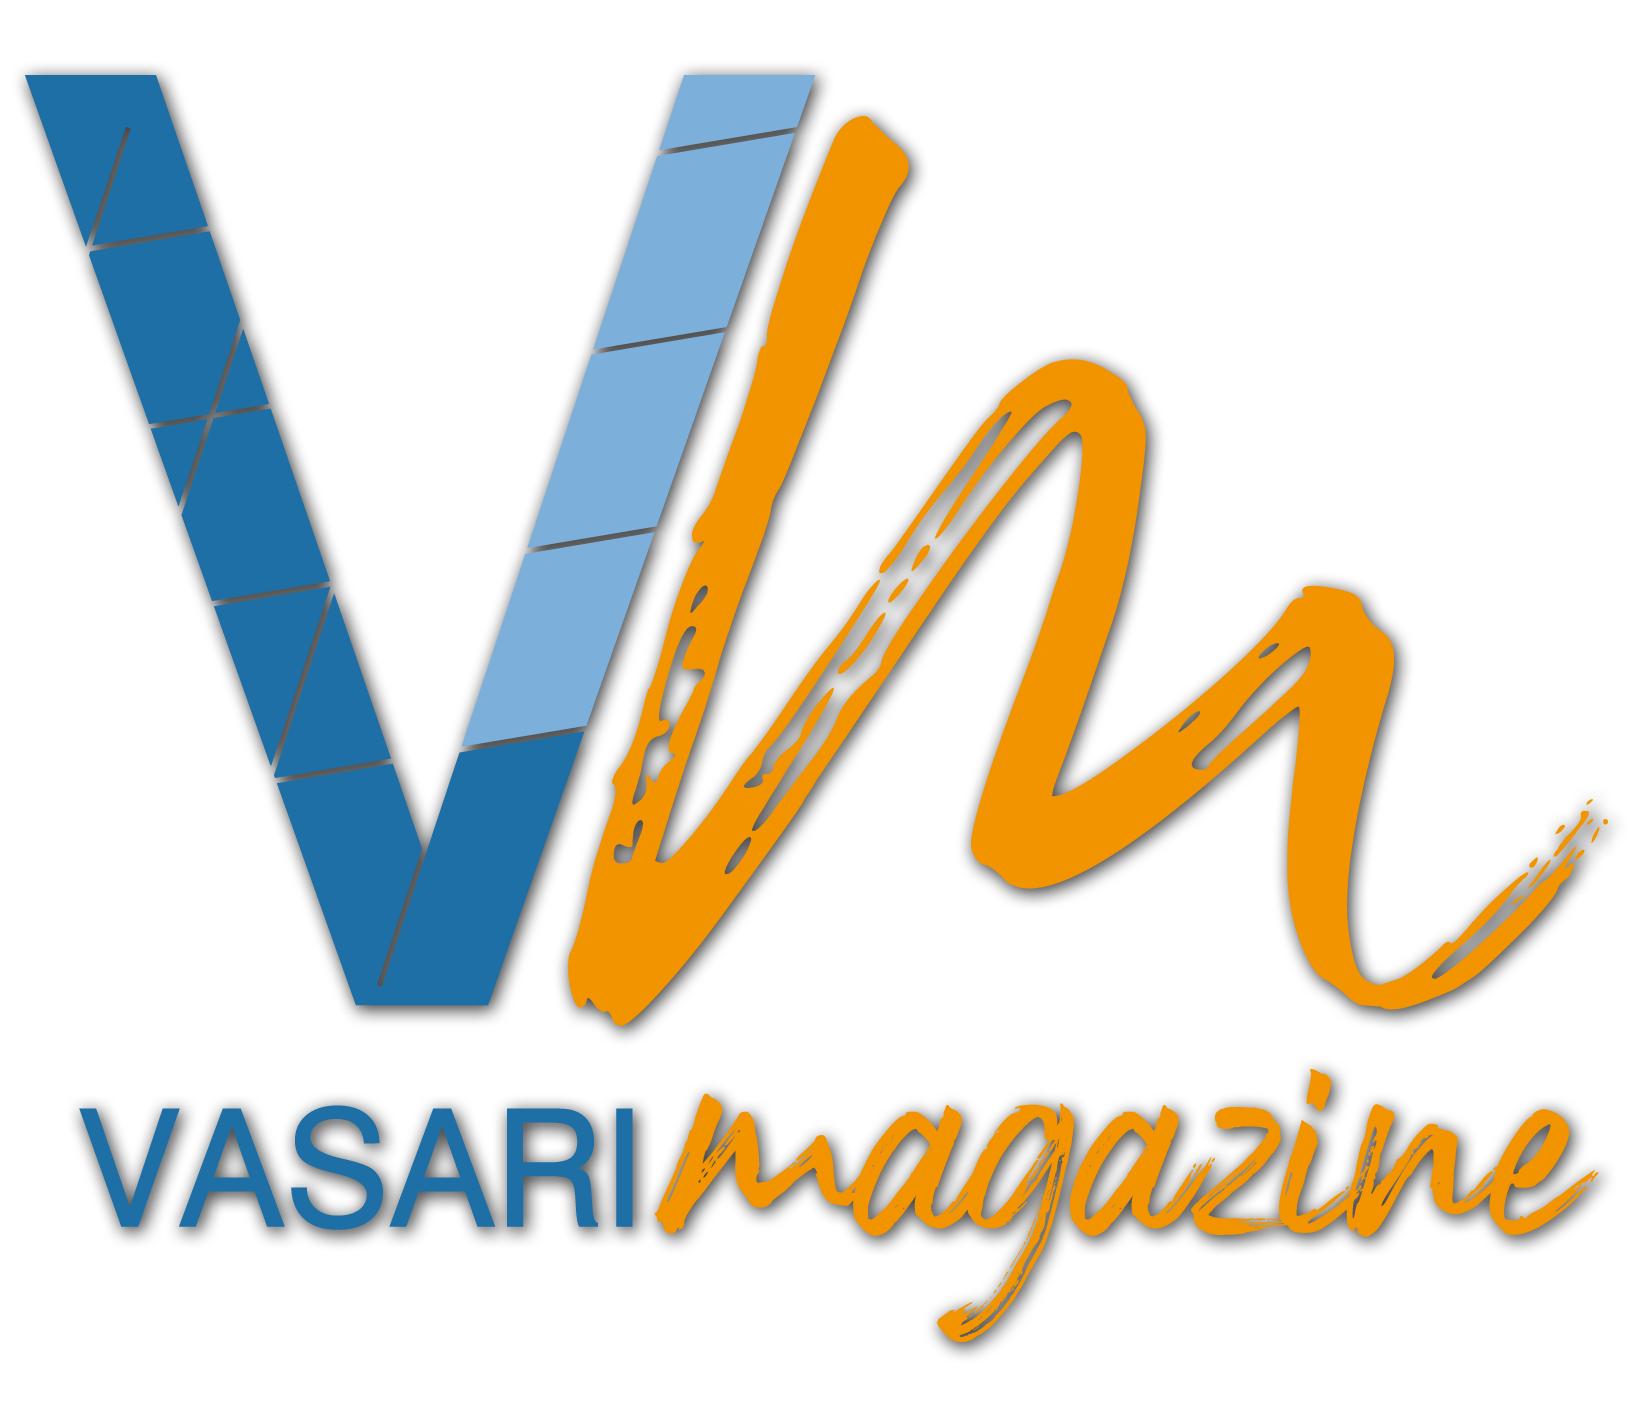 Vasari Magazine